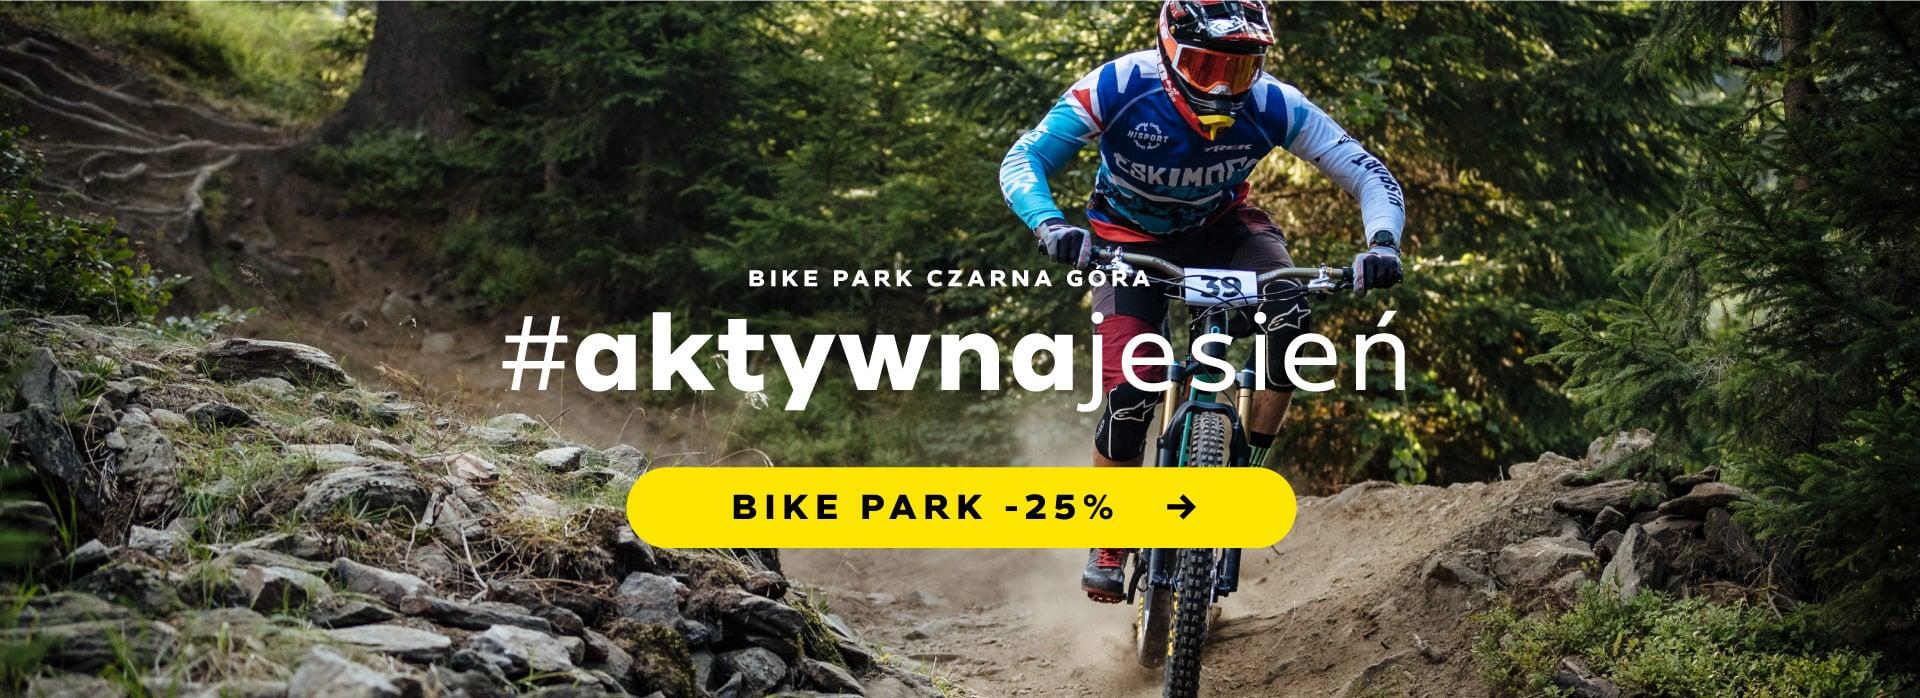 Aktywna jesień w Bike Park Czarna Góra